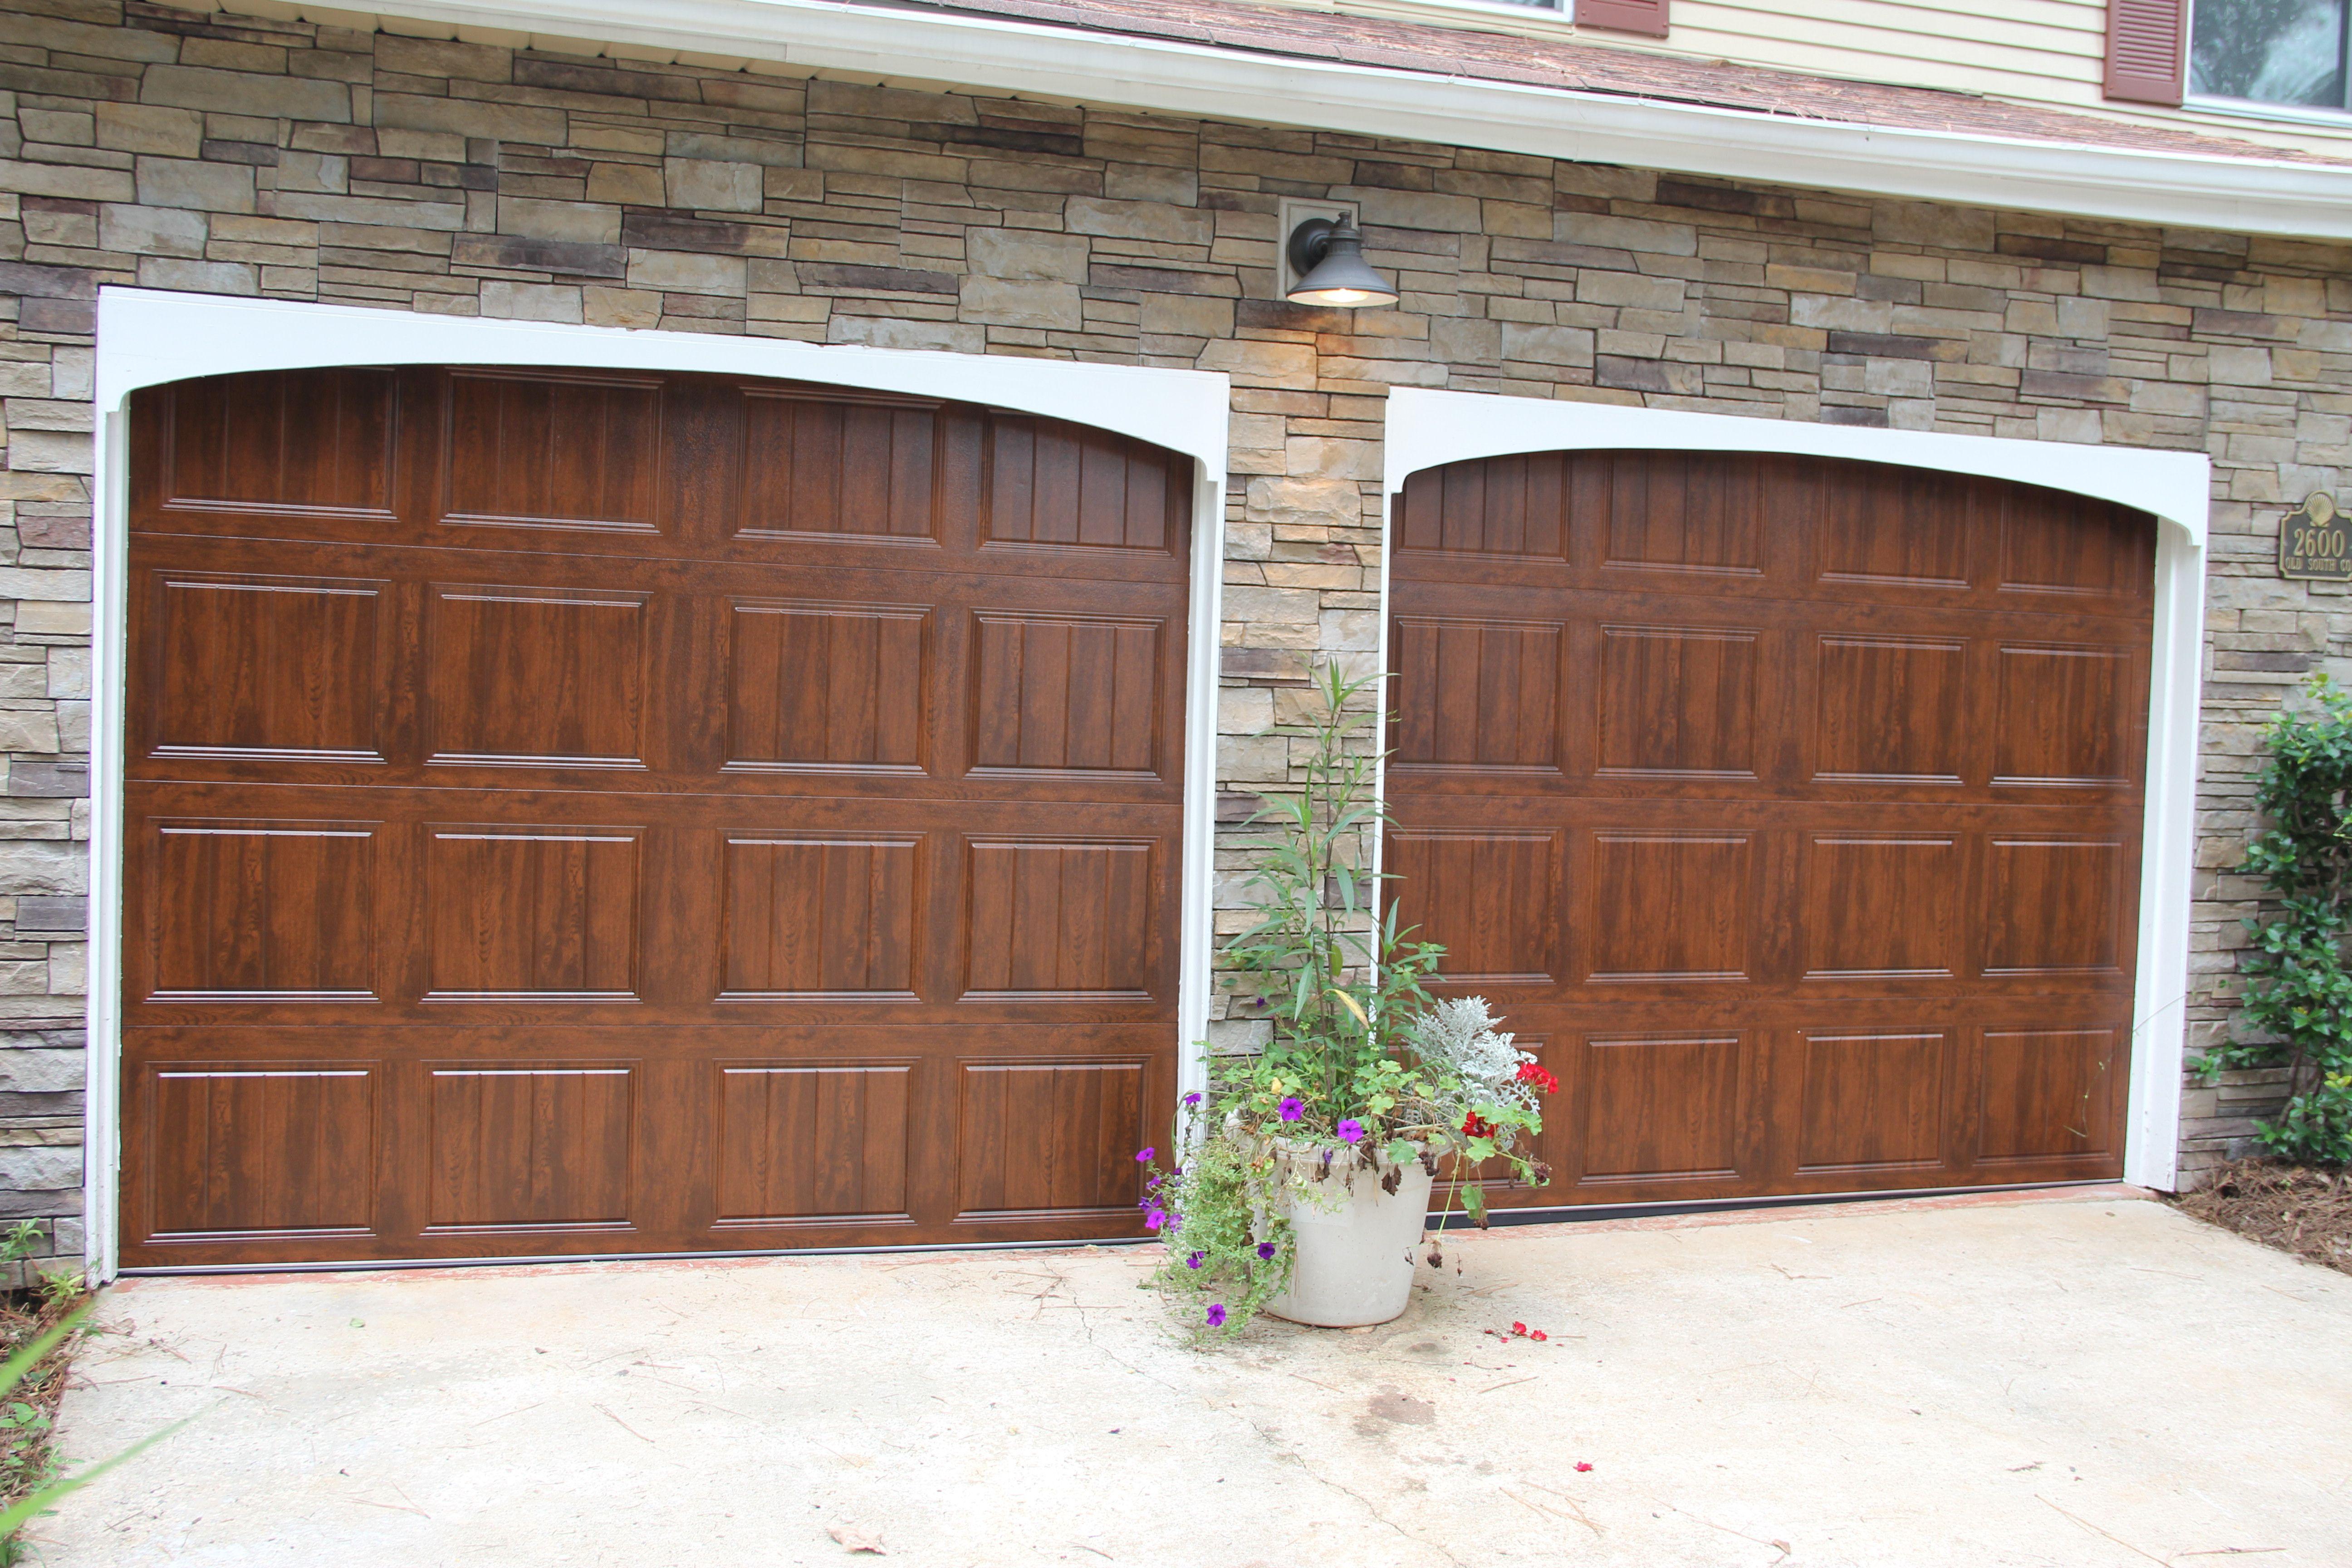 New Garage Door Installation Replaced 20 Year Old Doors Colby